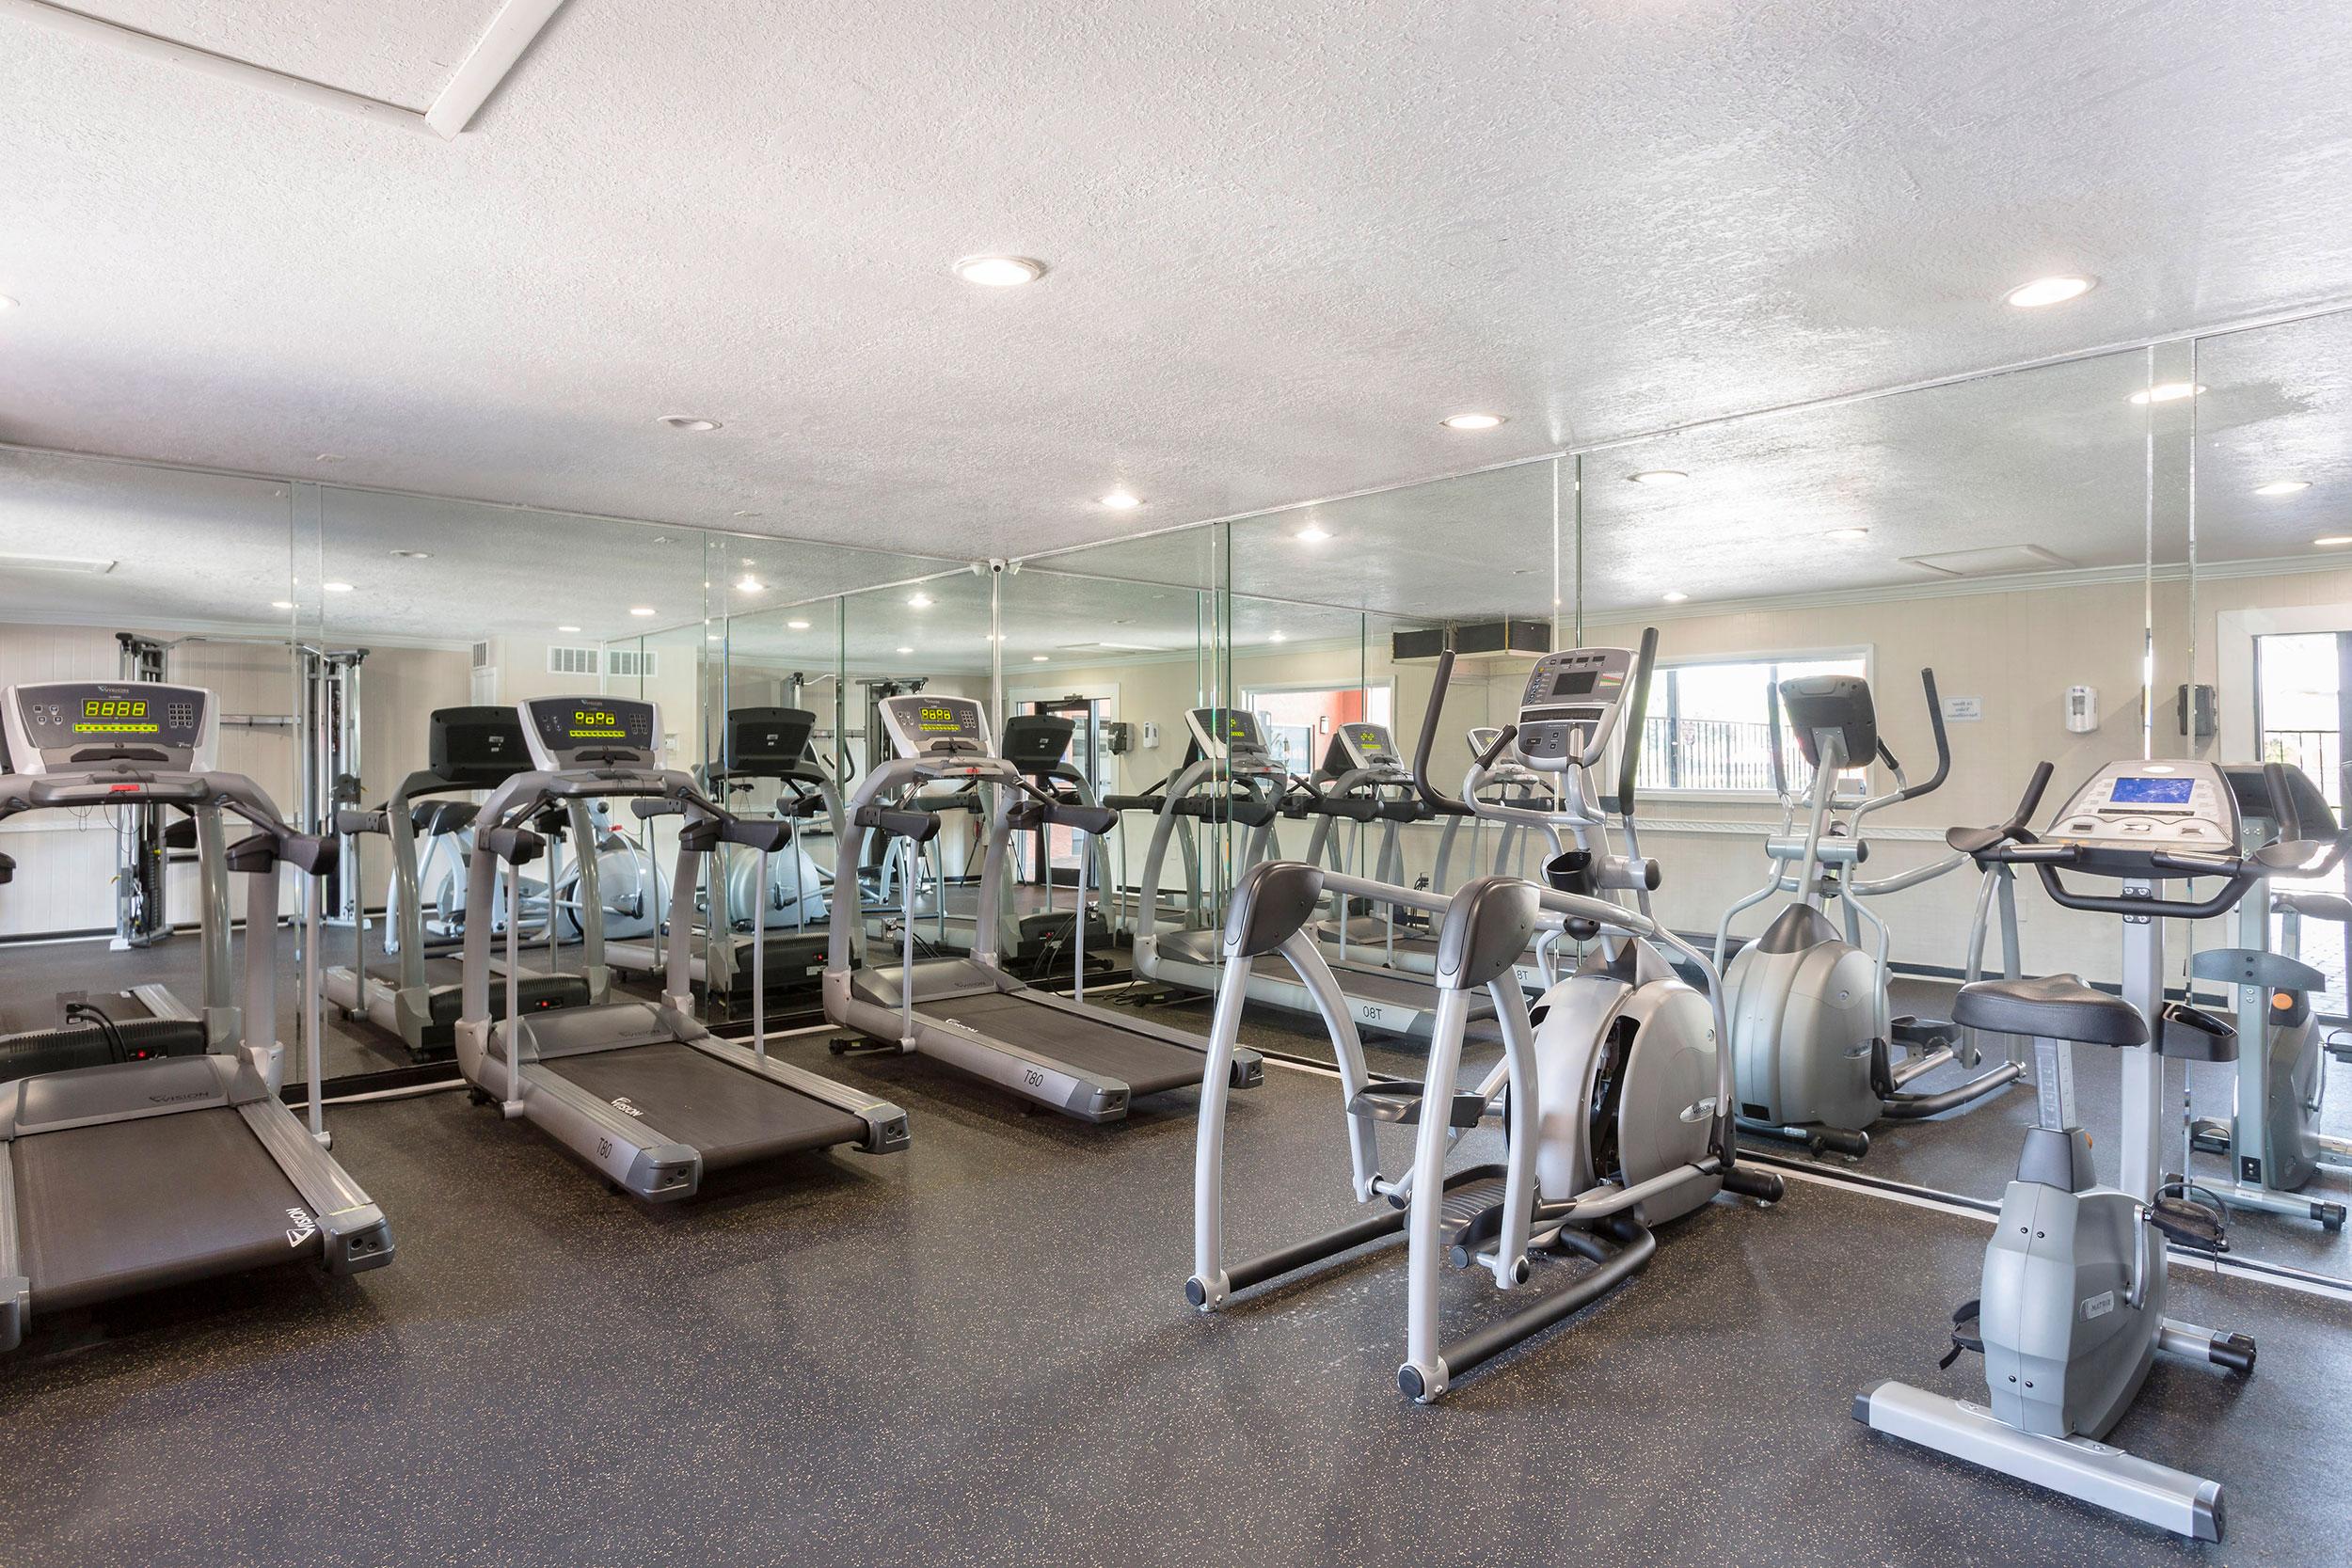 Hb-amen-gym